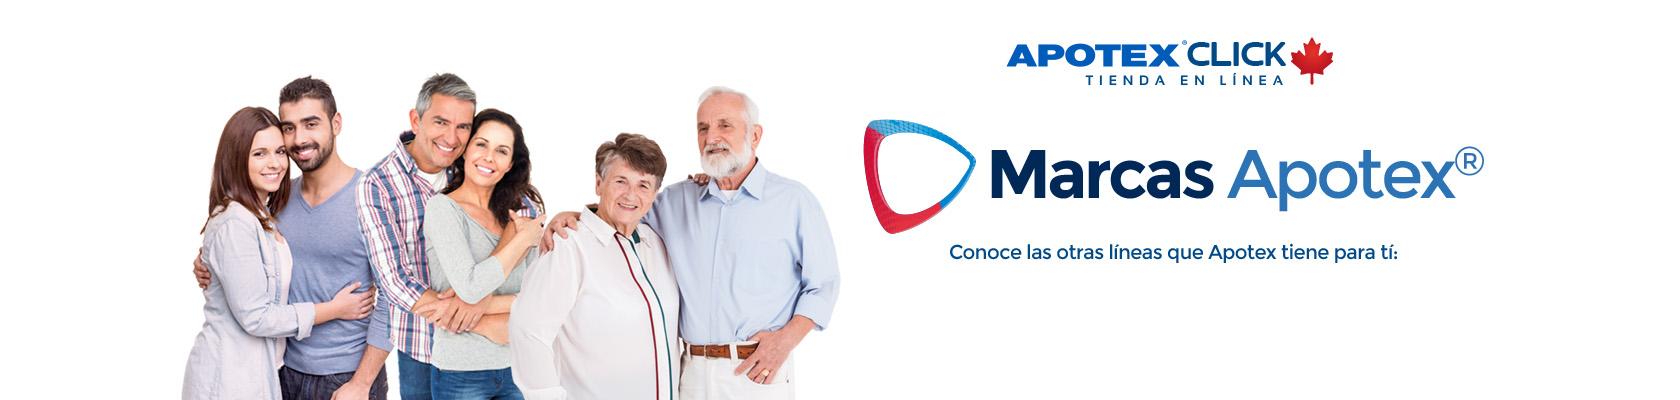 Marcas_Apotex_1680x400